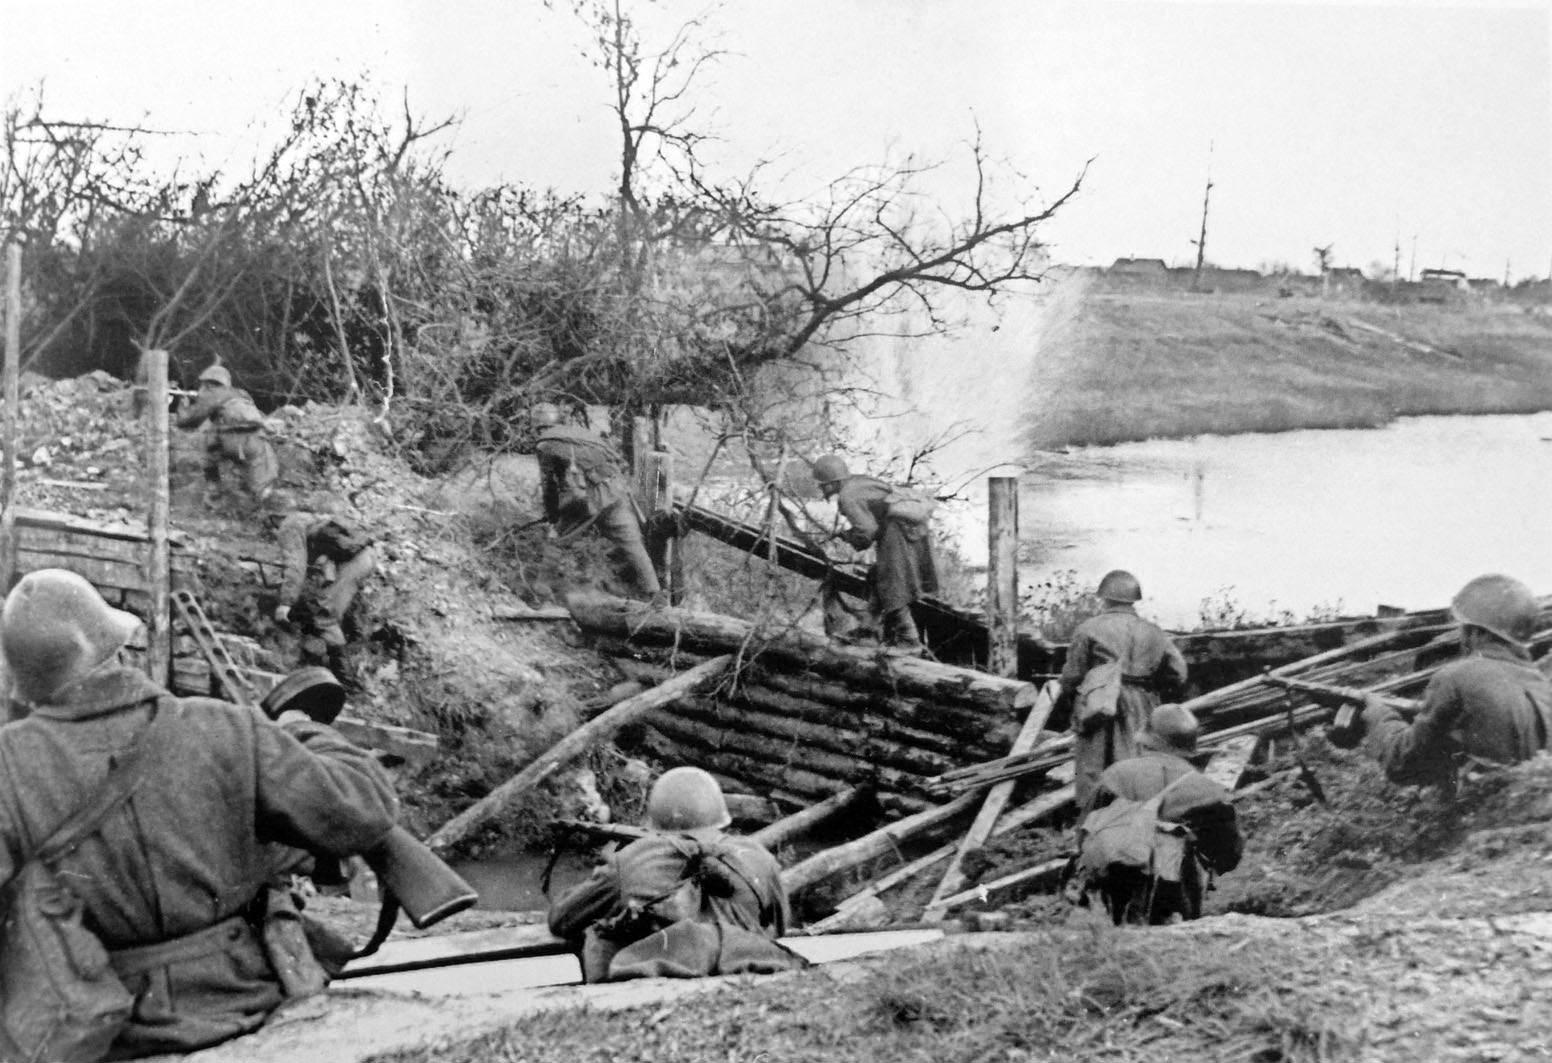 Автоматчики лейтенанта Моисеева преодолевают водный рубеж под огнем противника